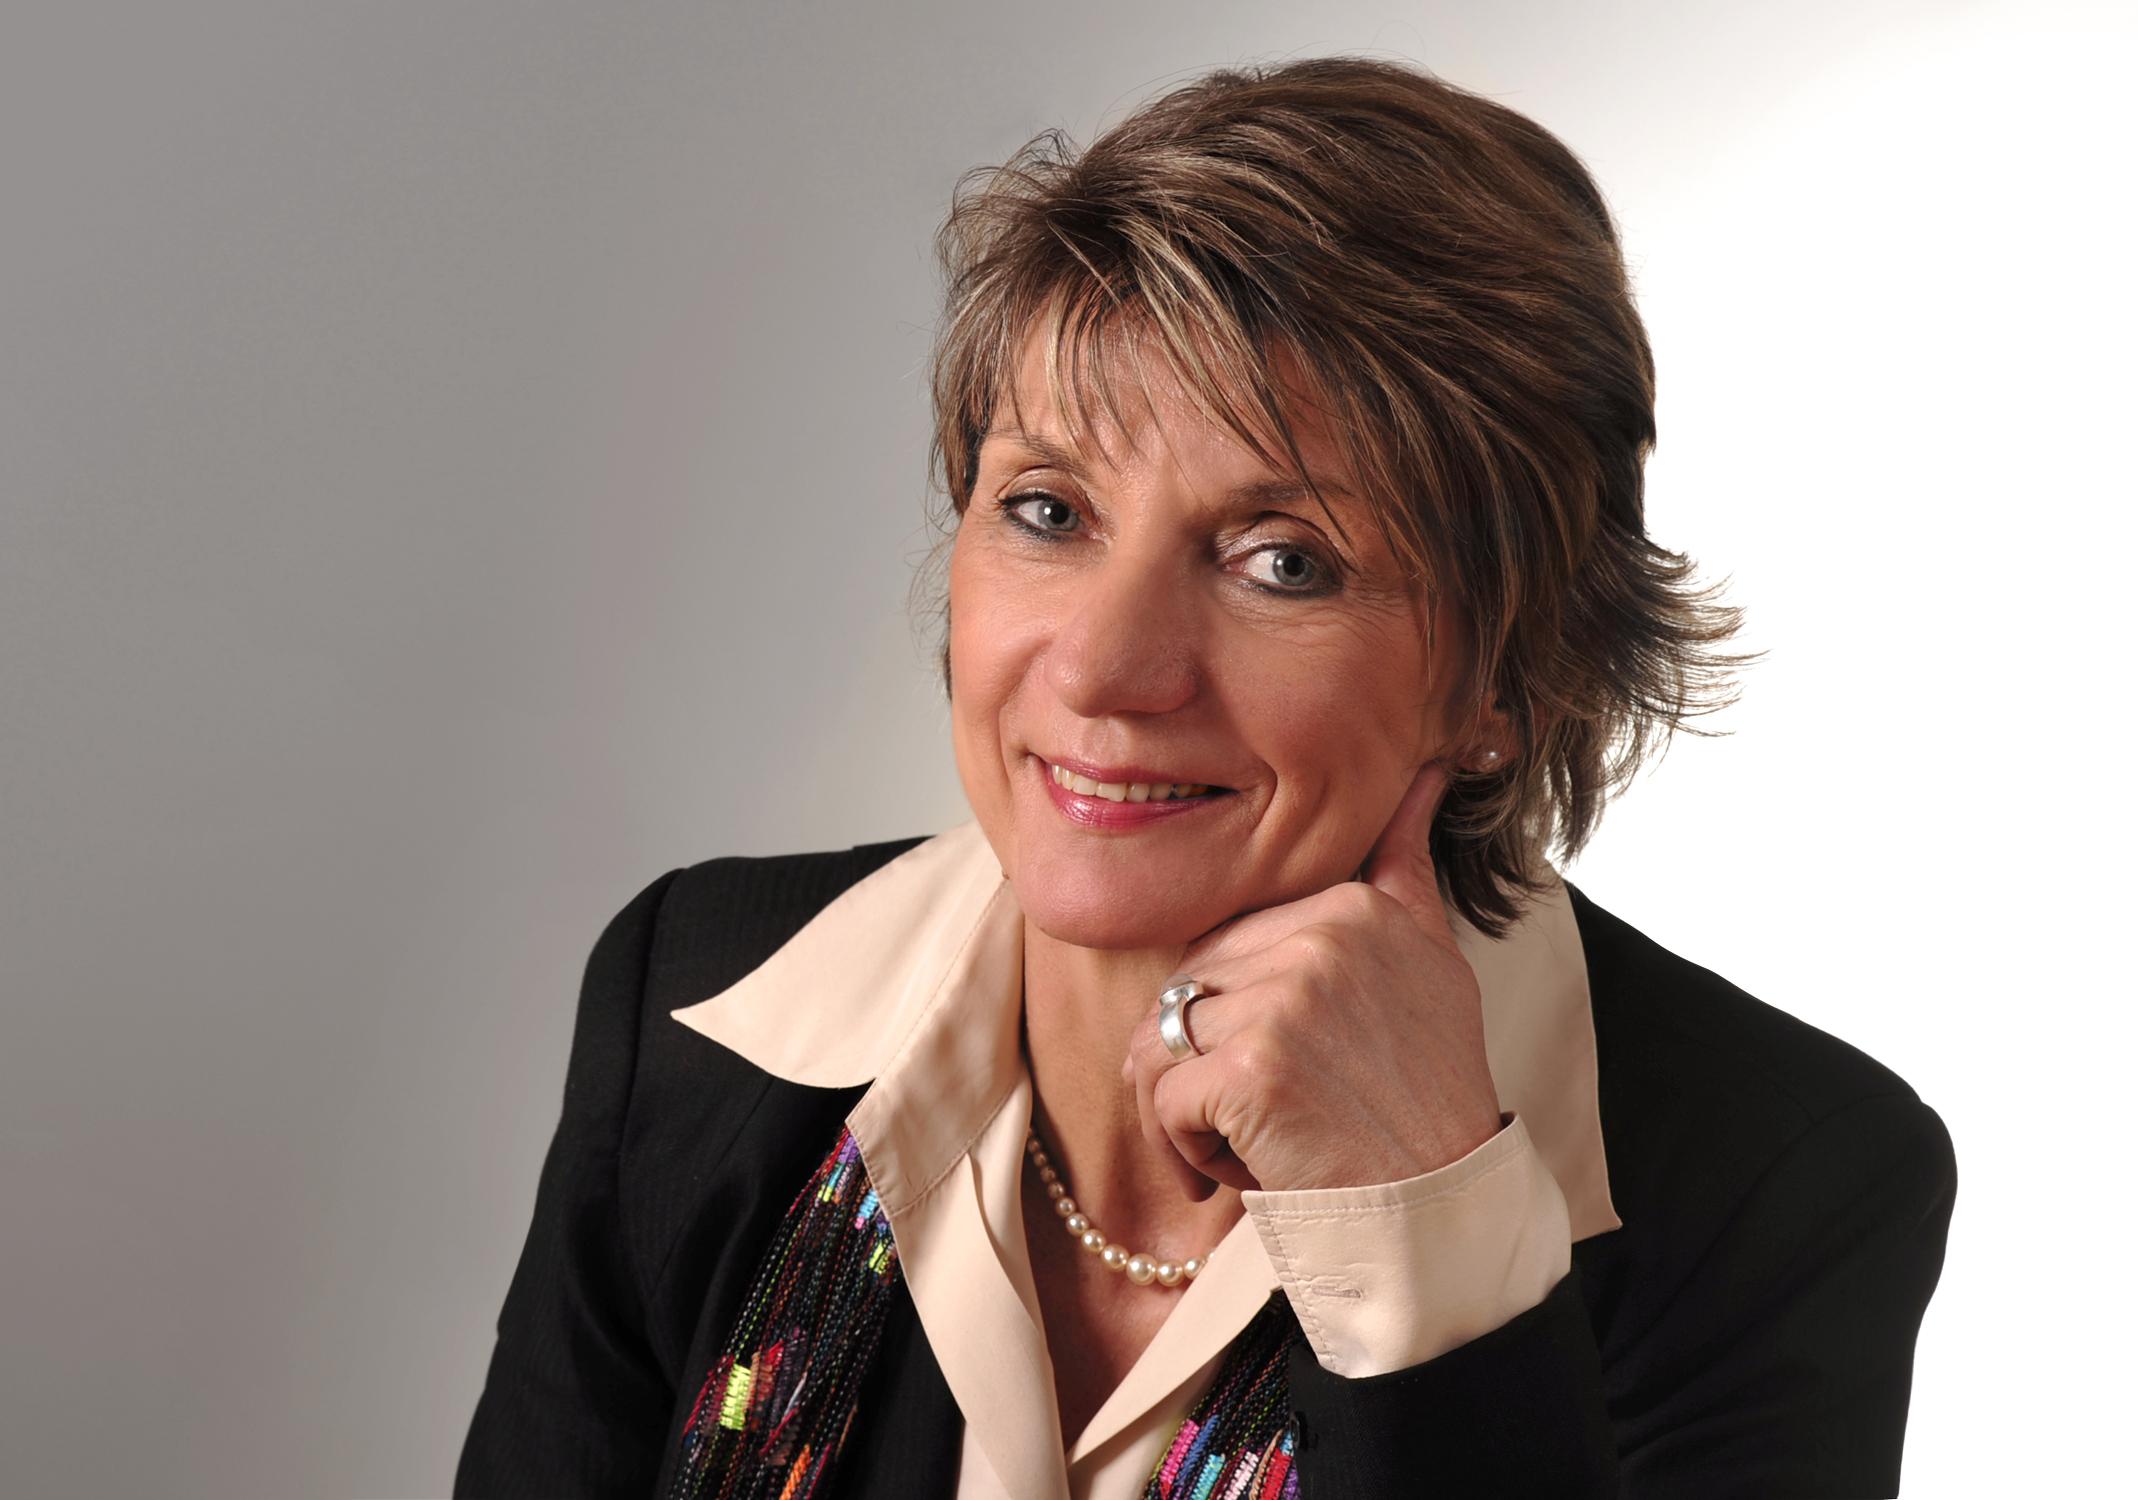 Marianne Trottier